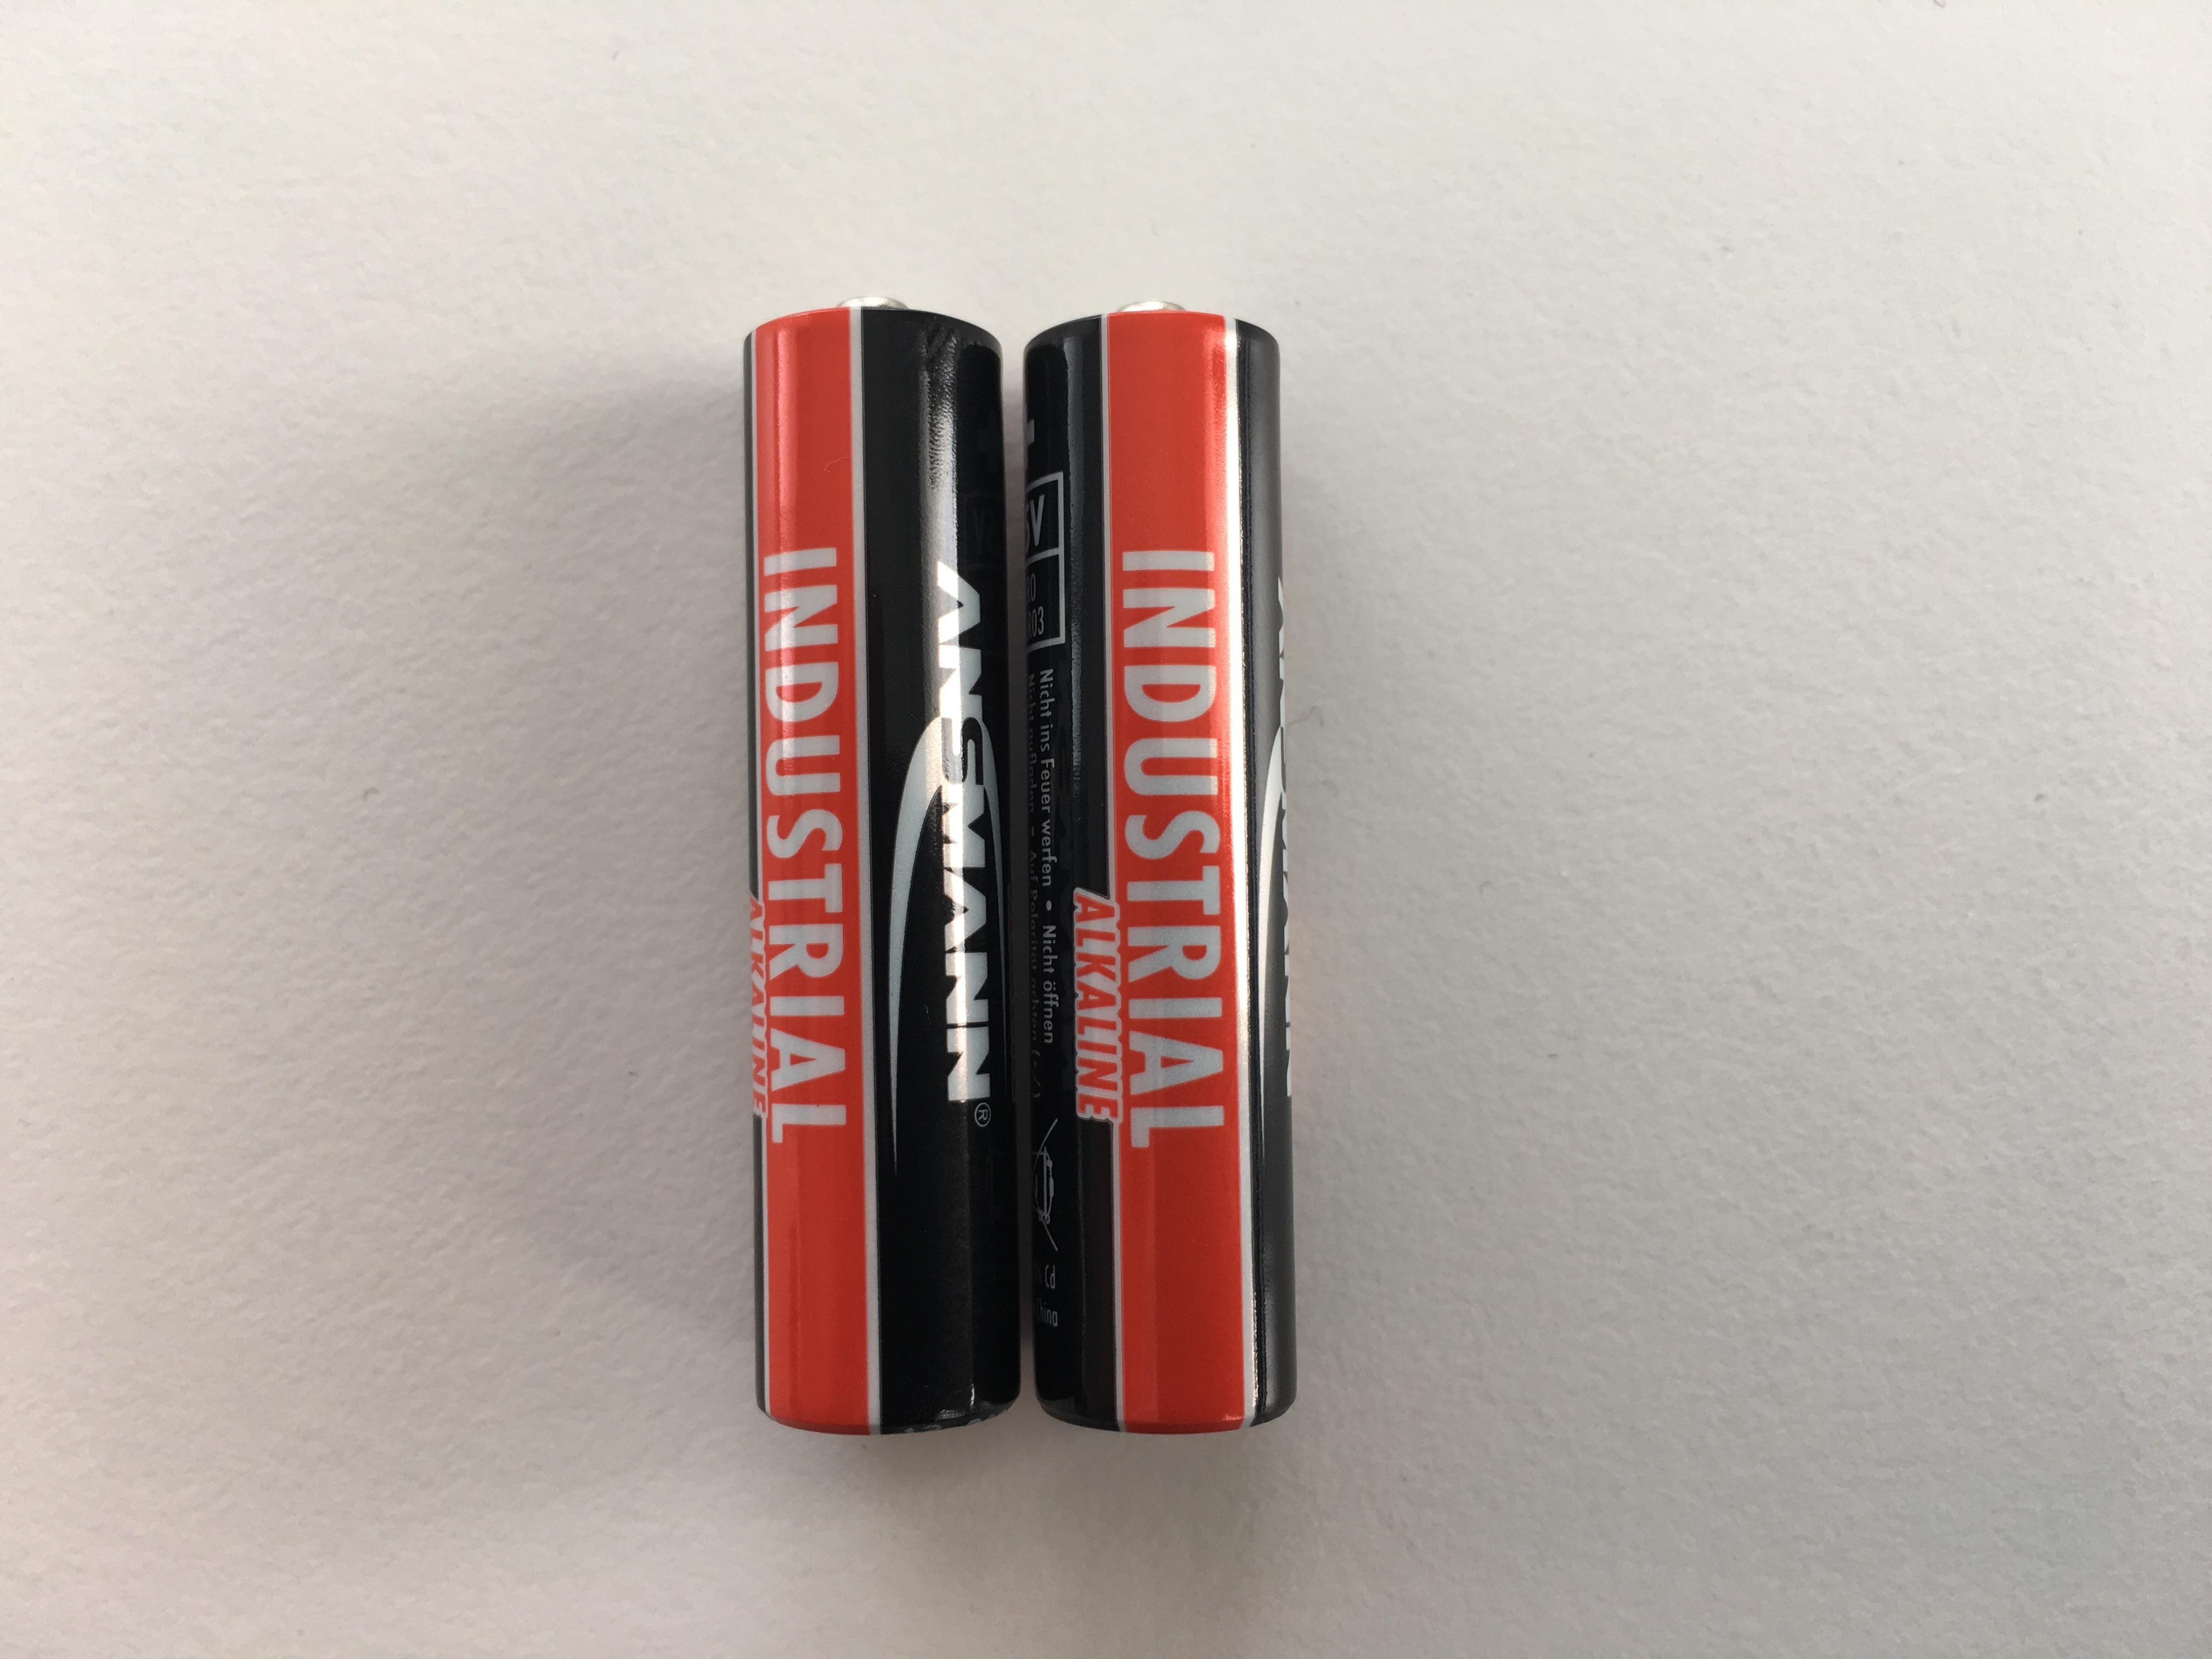 Baterie 2x AAA 1.5V alkalická (2ks alkalické baterie Ansmann)